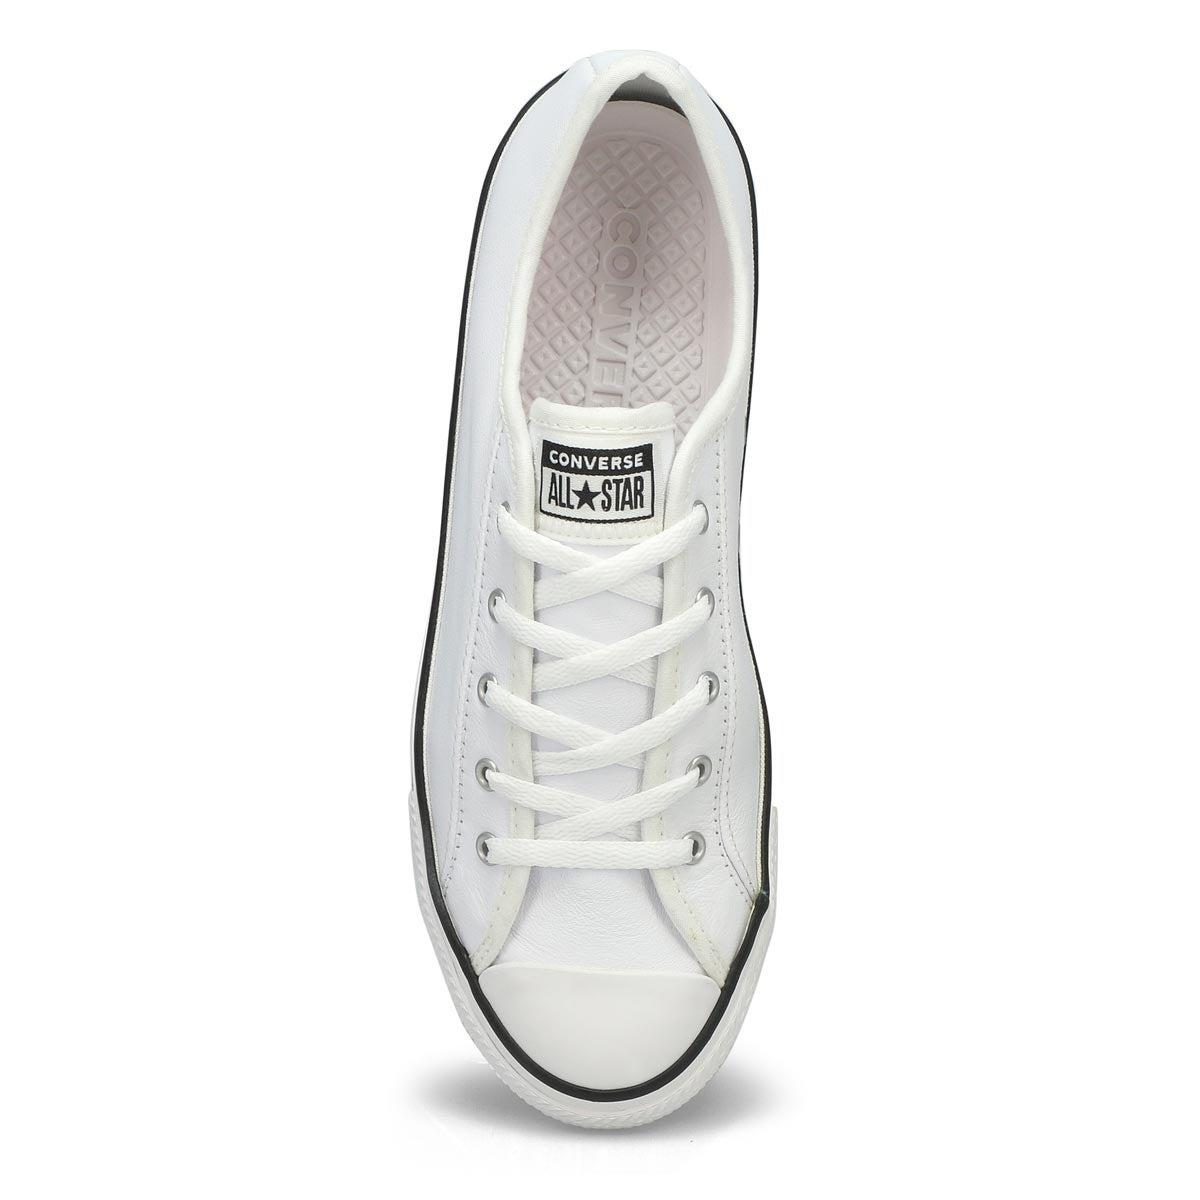 Women's Chuck Taylor All Star Dainty Sneaker- Wht